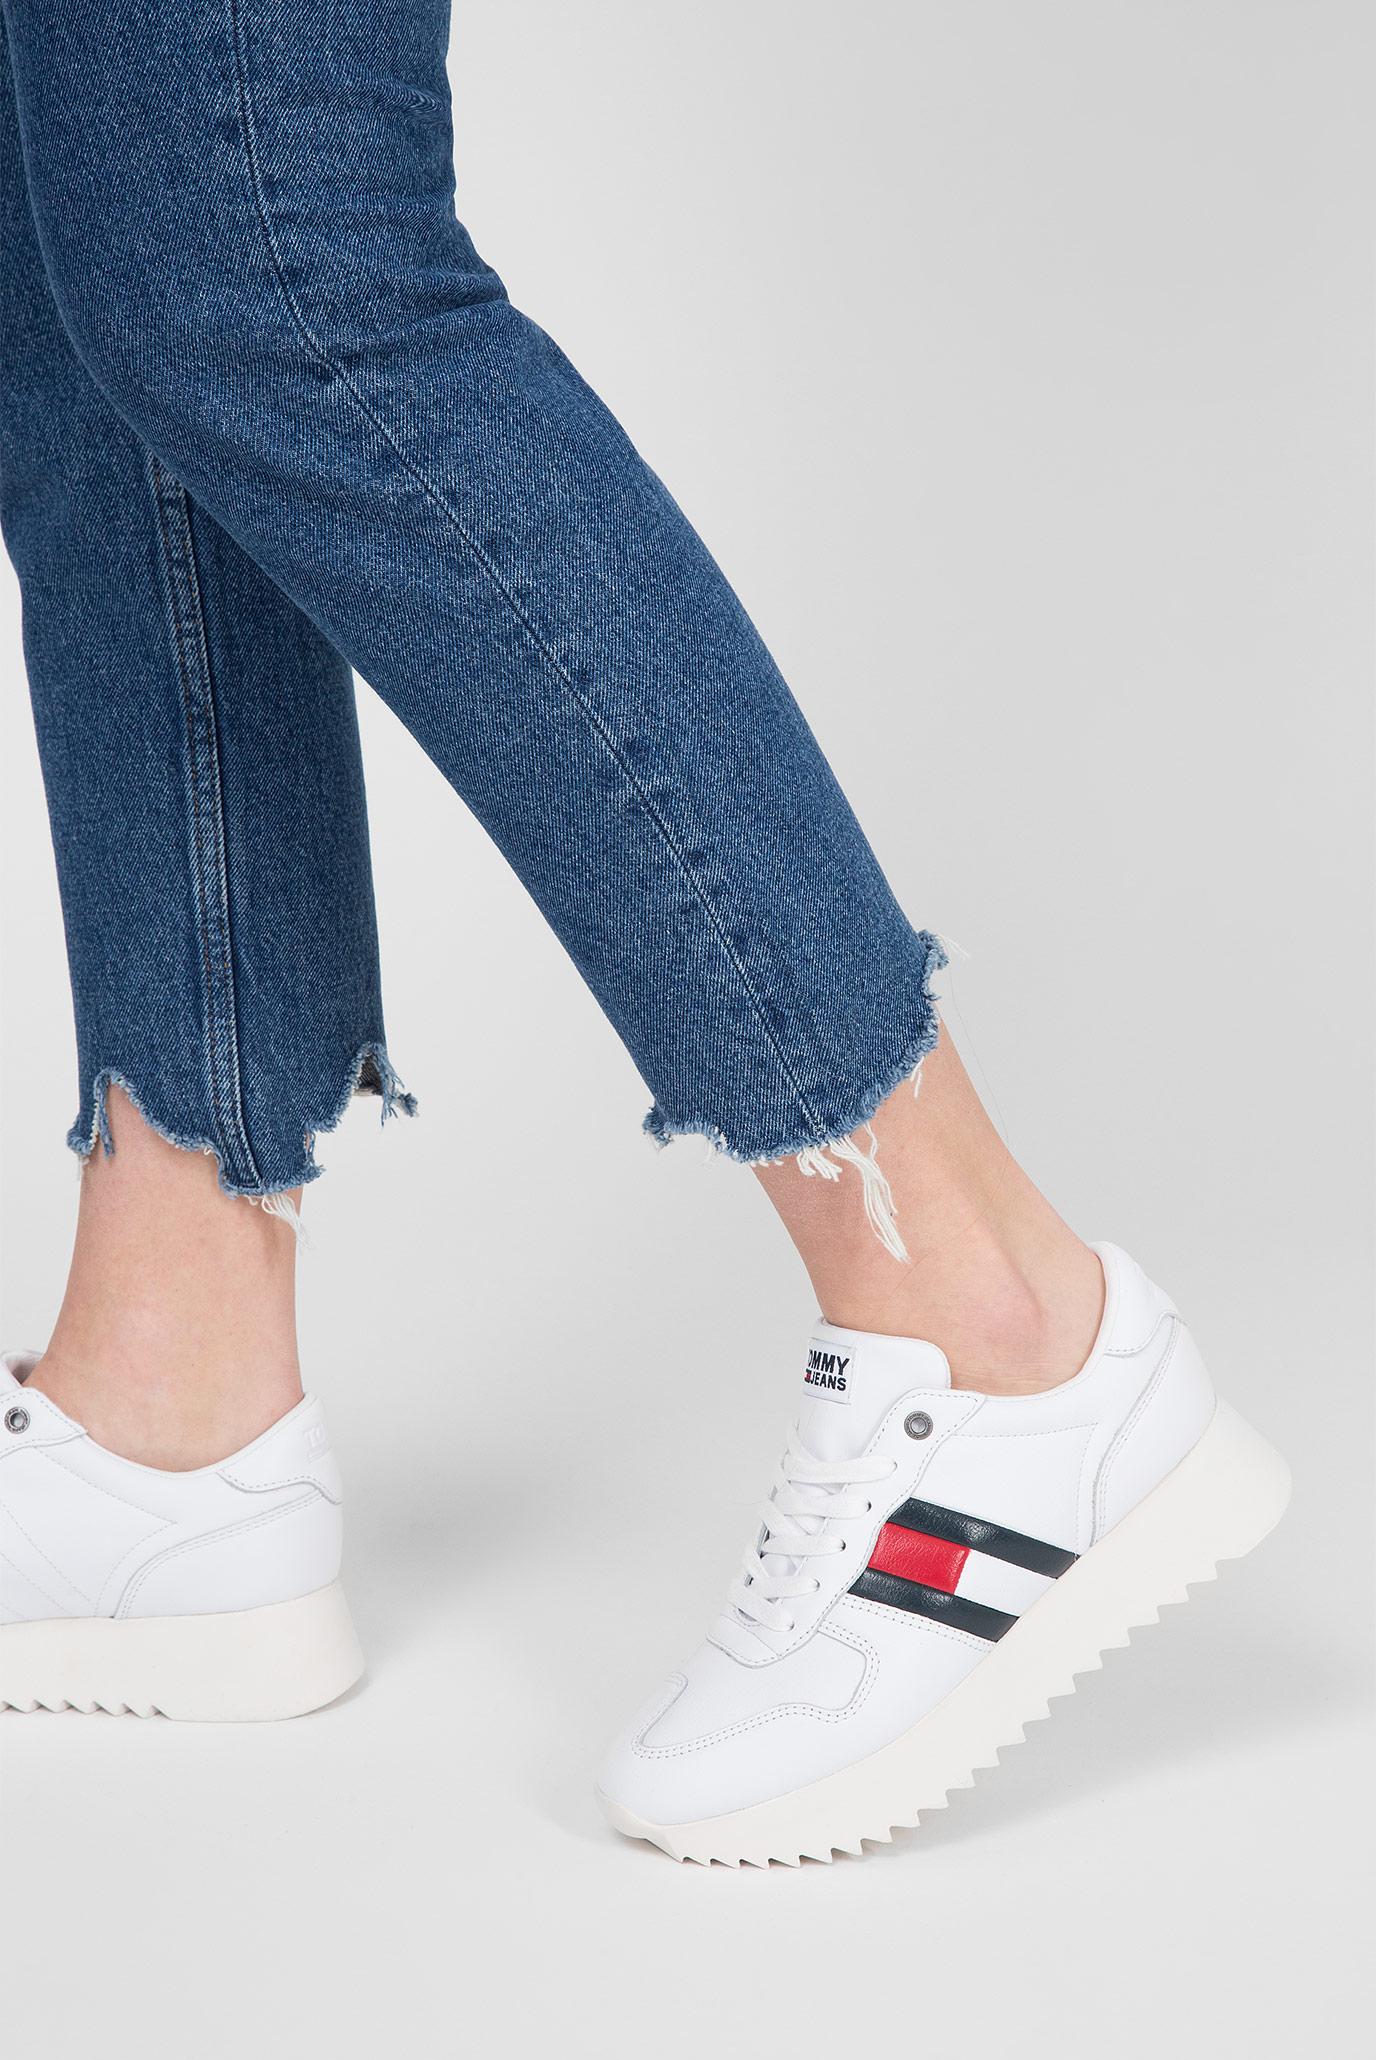 Купить Женские синие джинсы HIGH RISE SLIM IZZY Tommy Hilfiger Tommy Hilfiger DW0DW04757 – Киев, Украина. Цены в интернет магазине MD Fashion